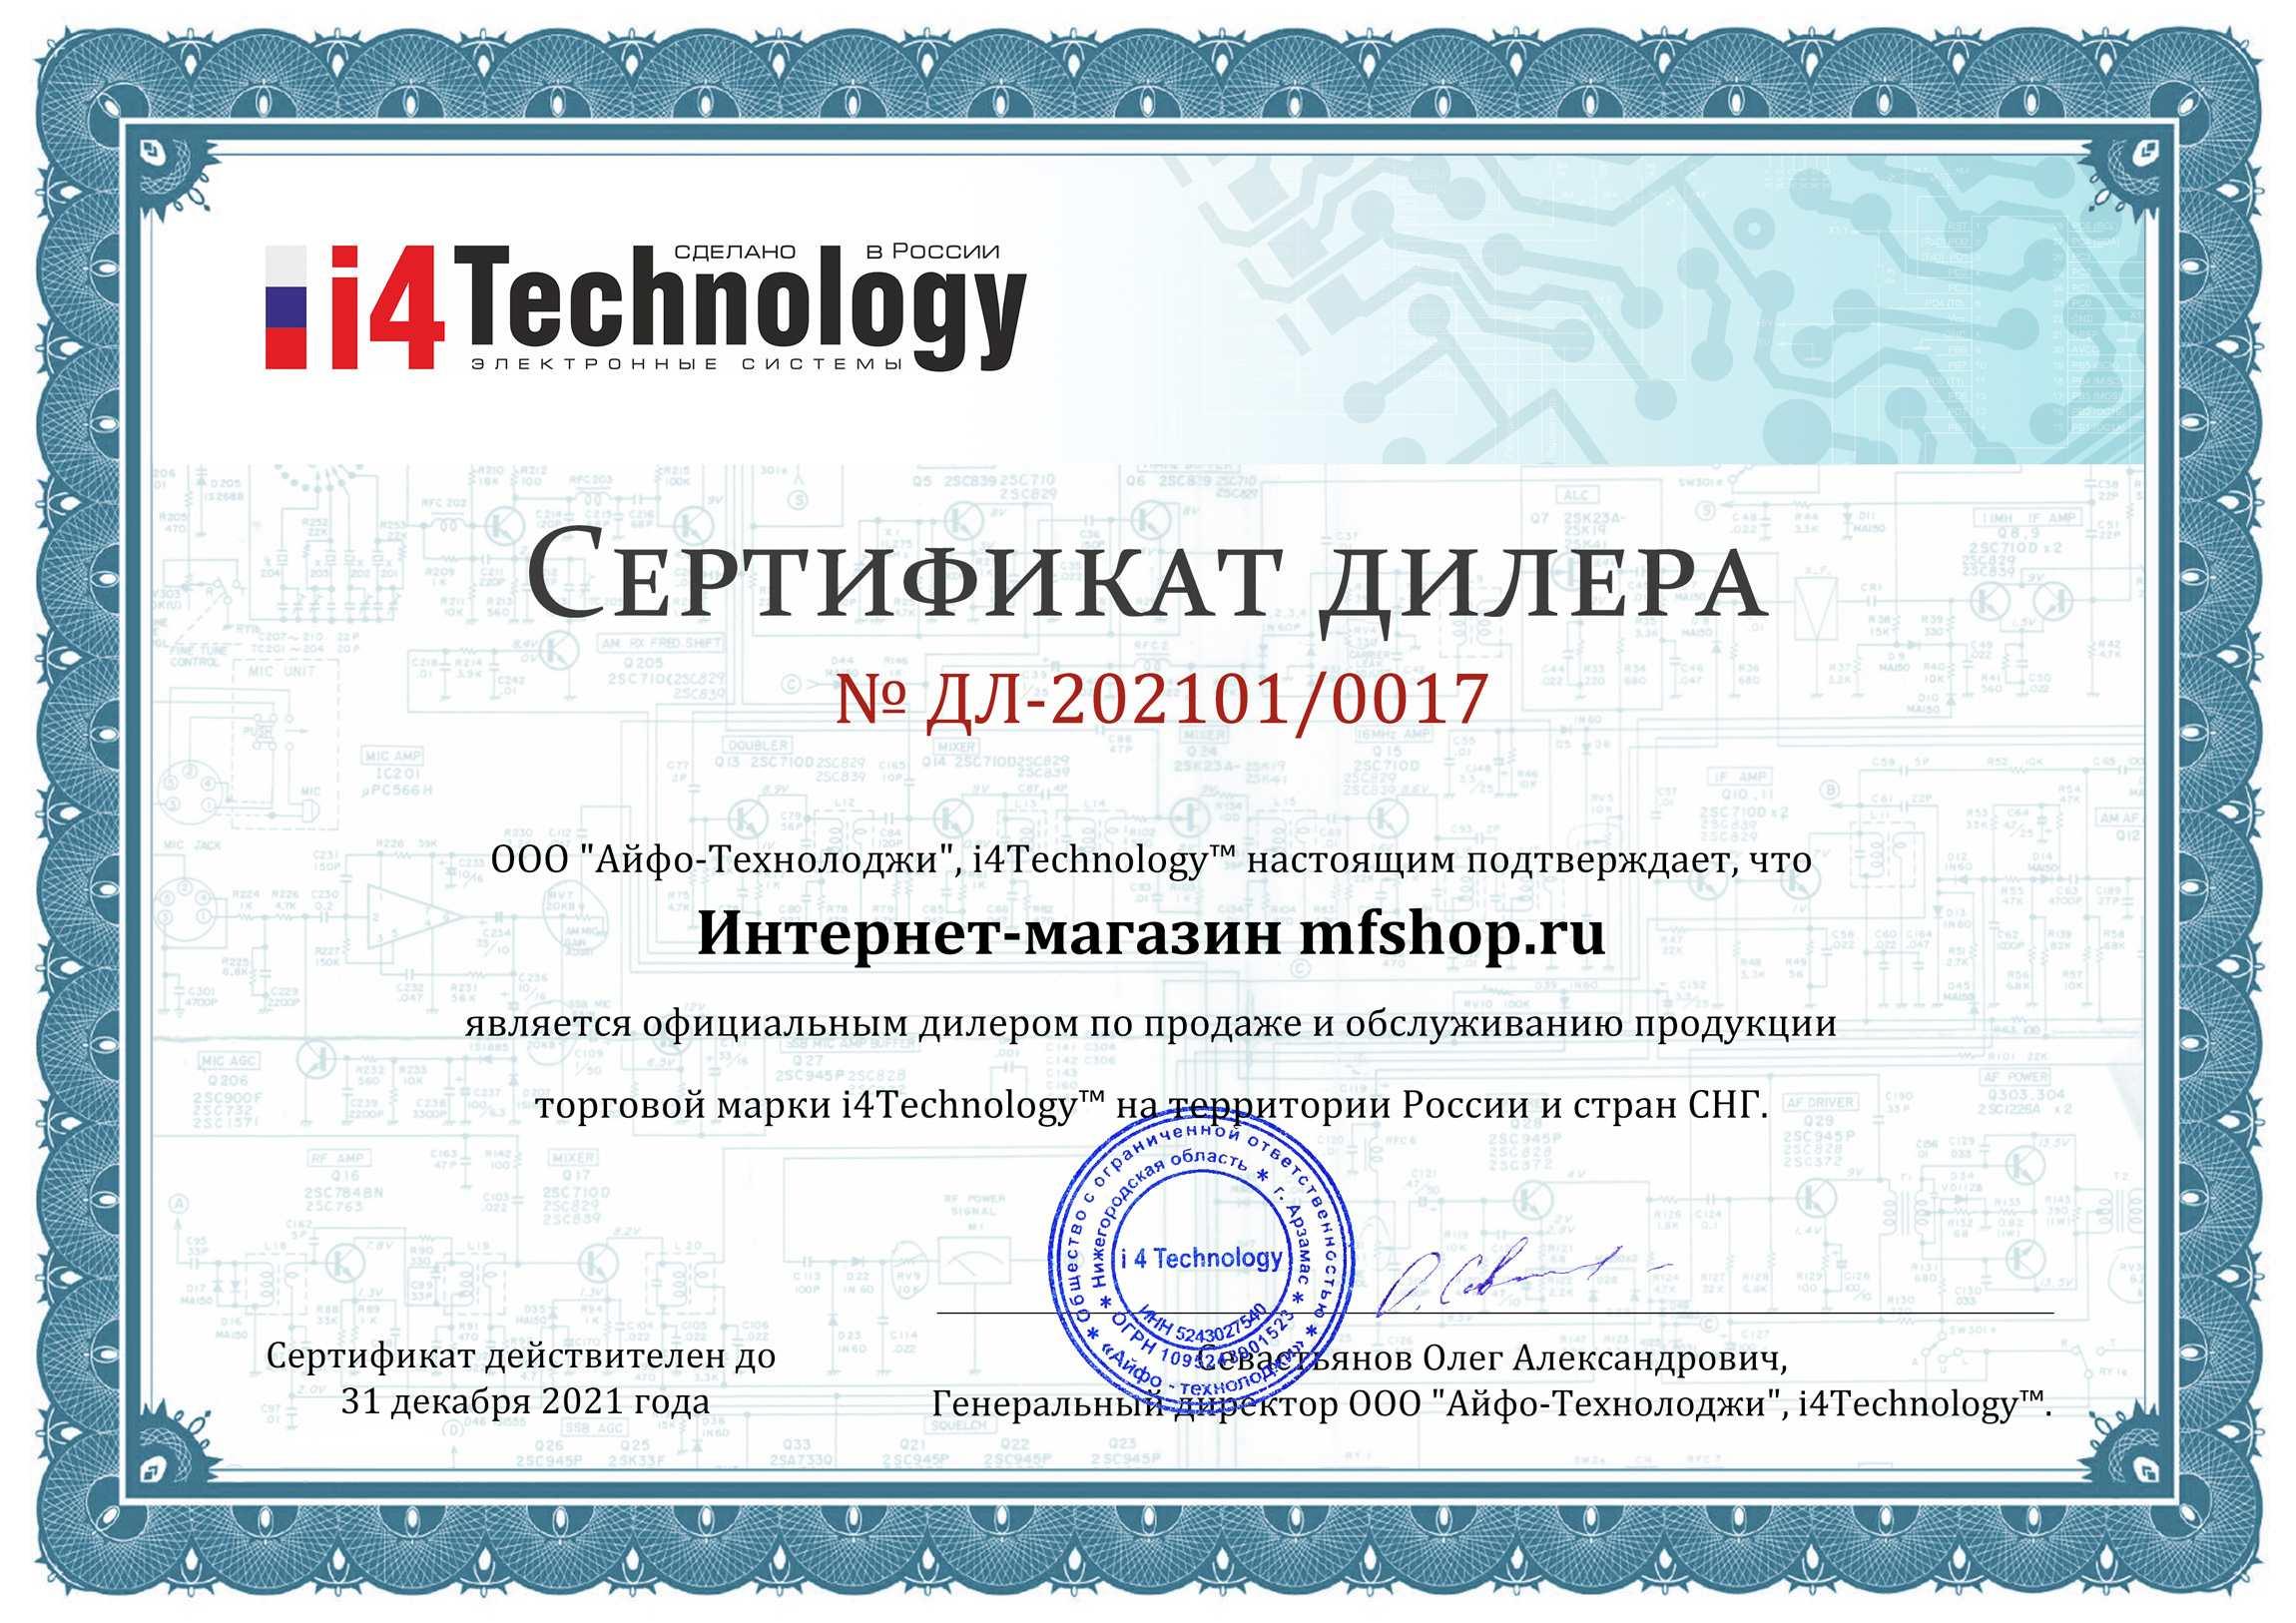 Наш магазин является официальным дилером продукции марки i4Technology и имеет соответствующий сертификат (нажмите для увеличения)